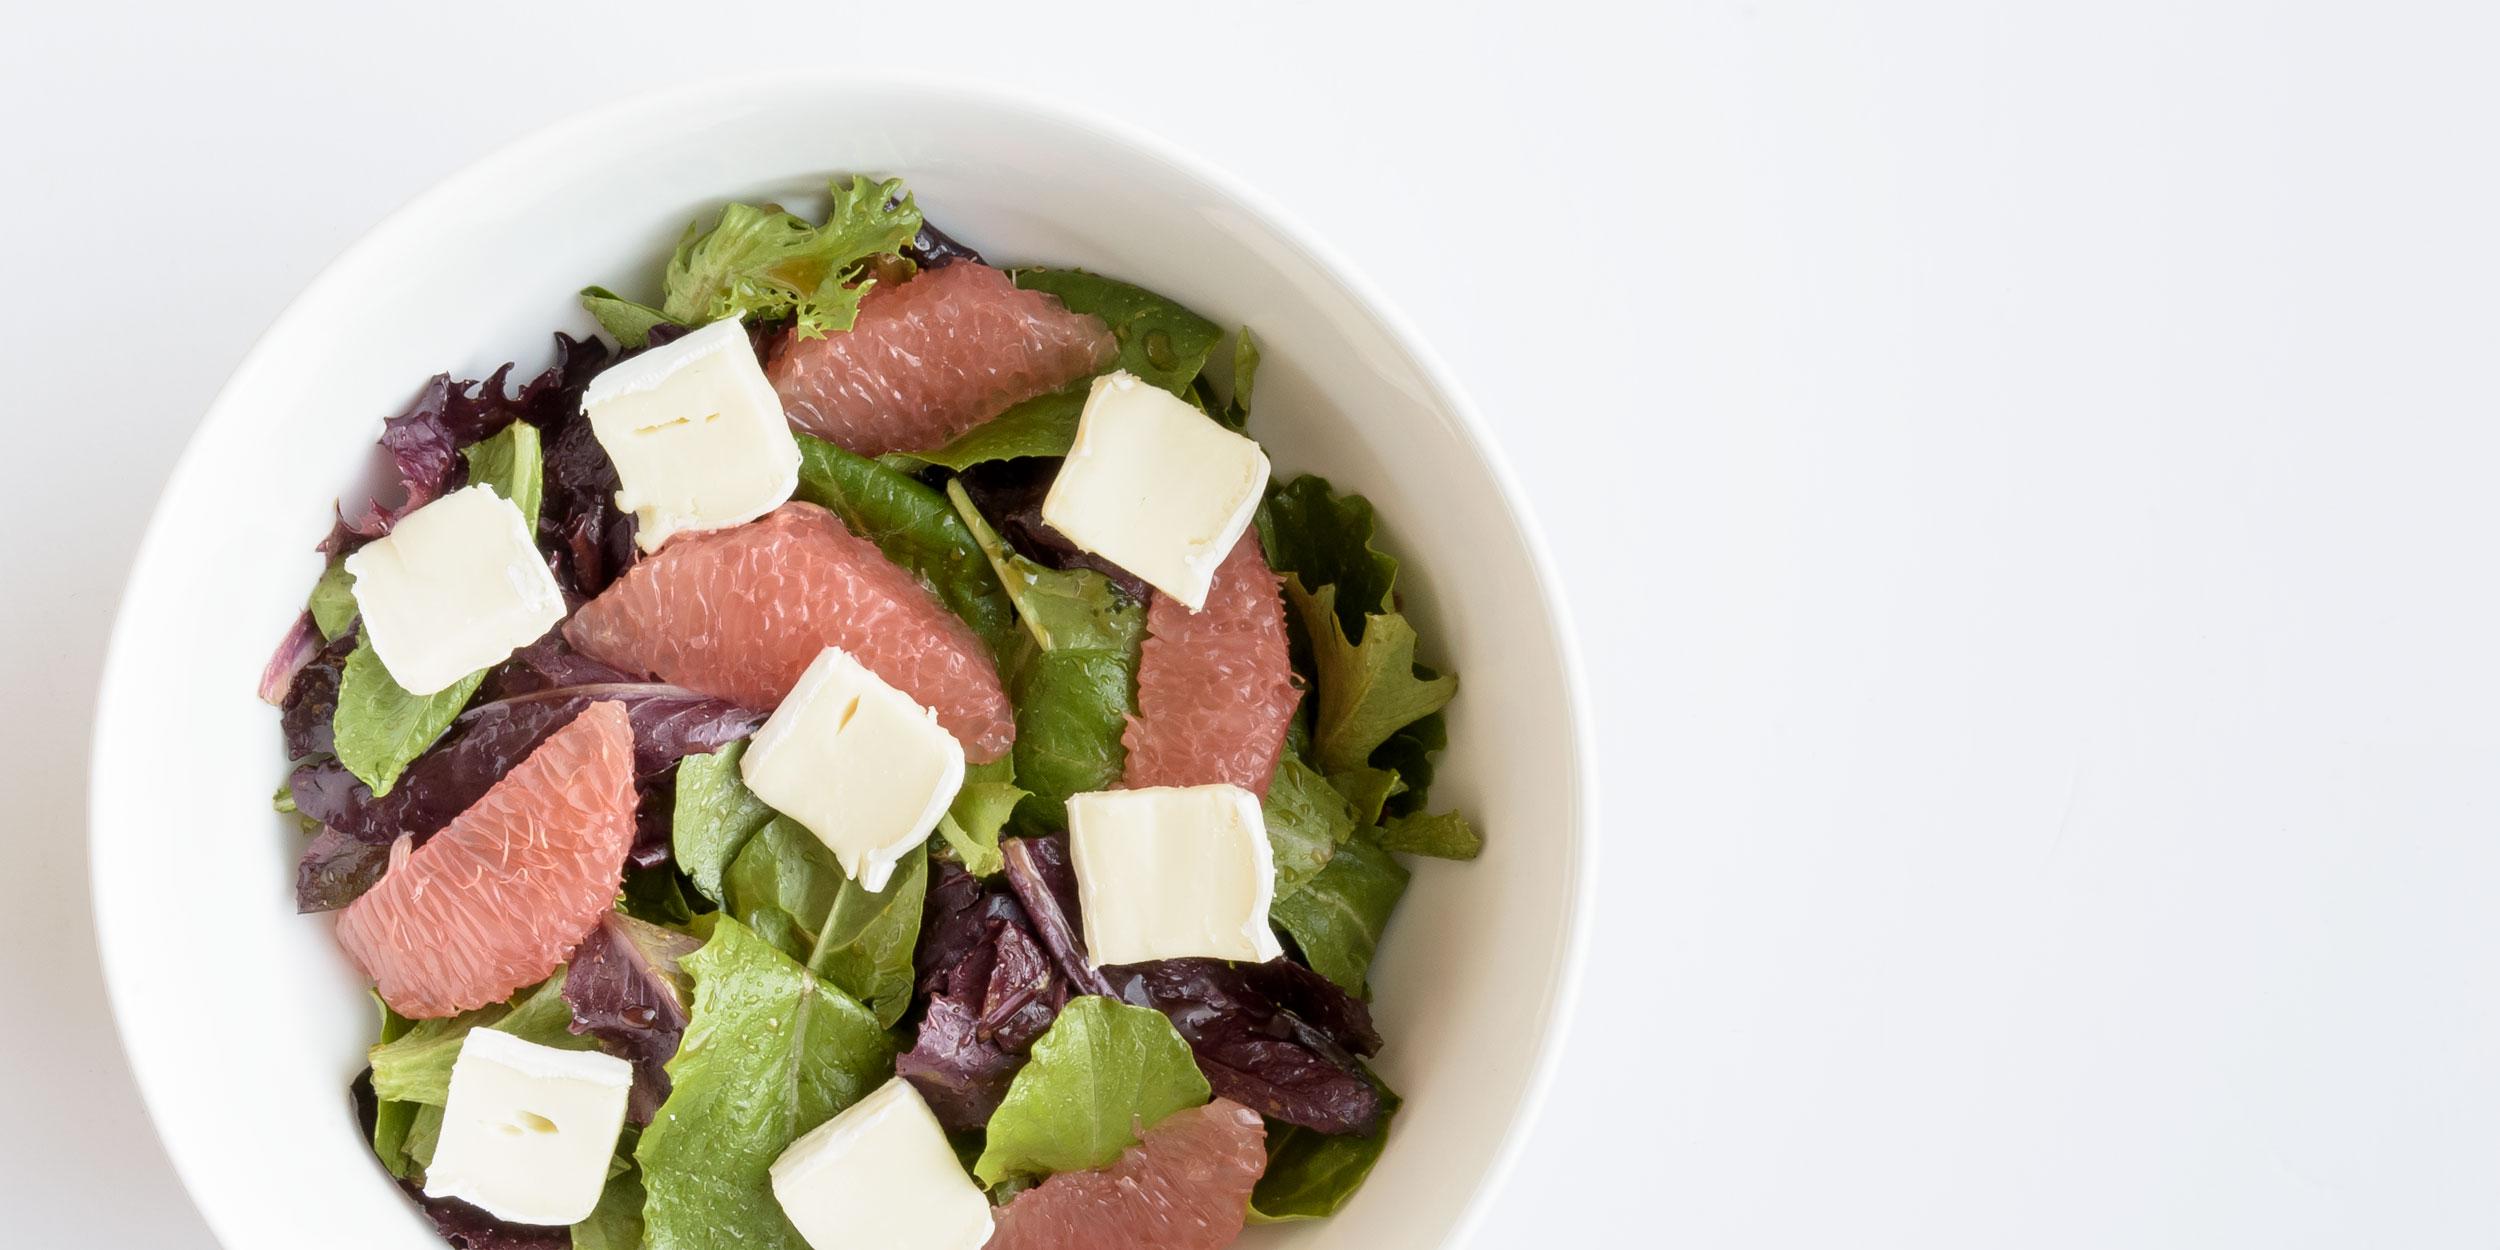 180112---salads-2-013.jpg